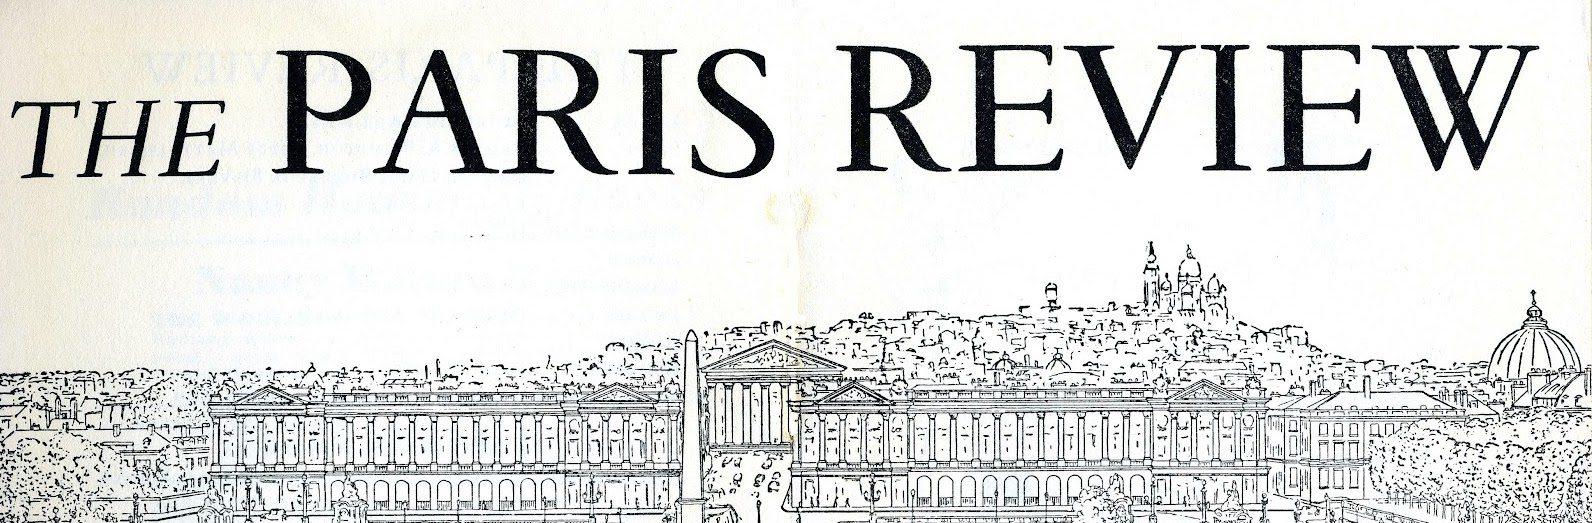 paris_review_banner